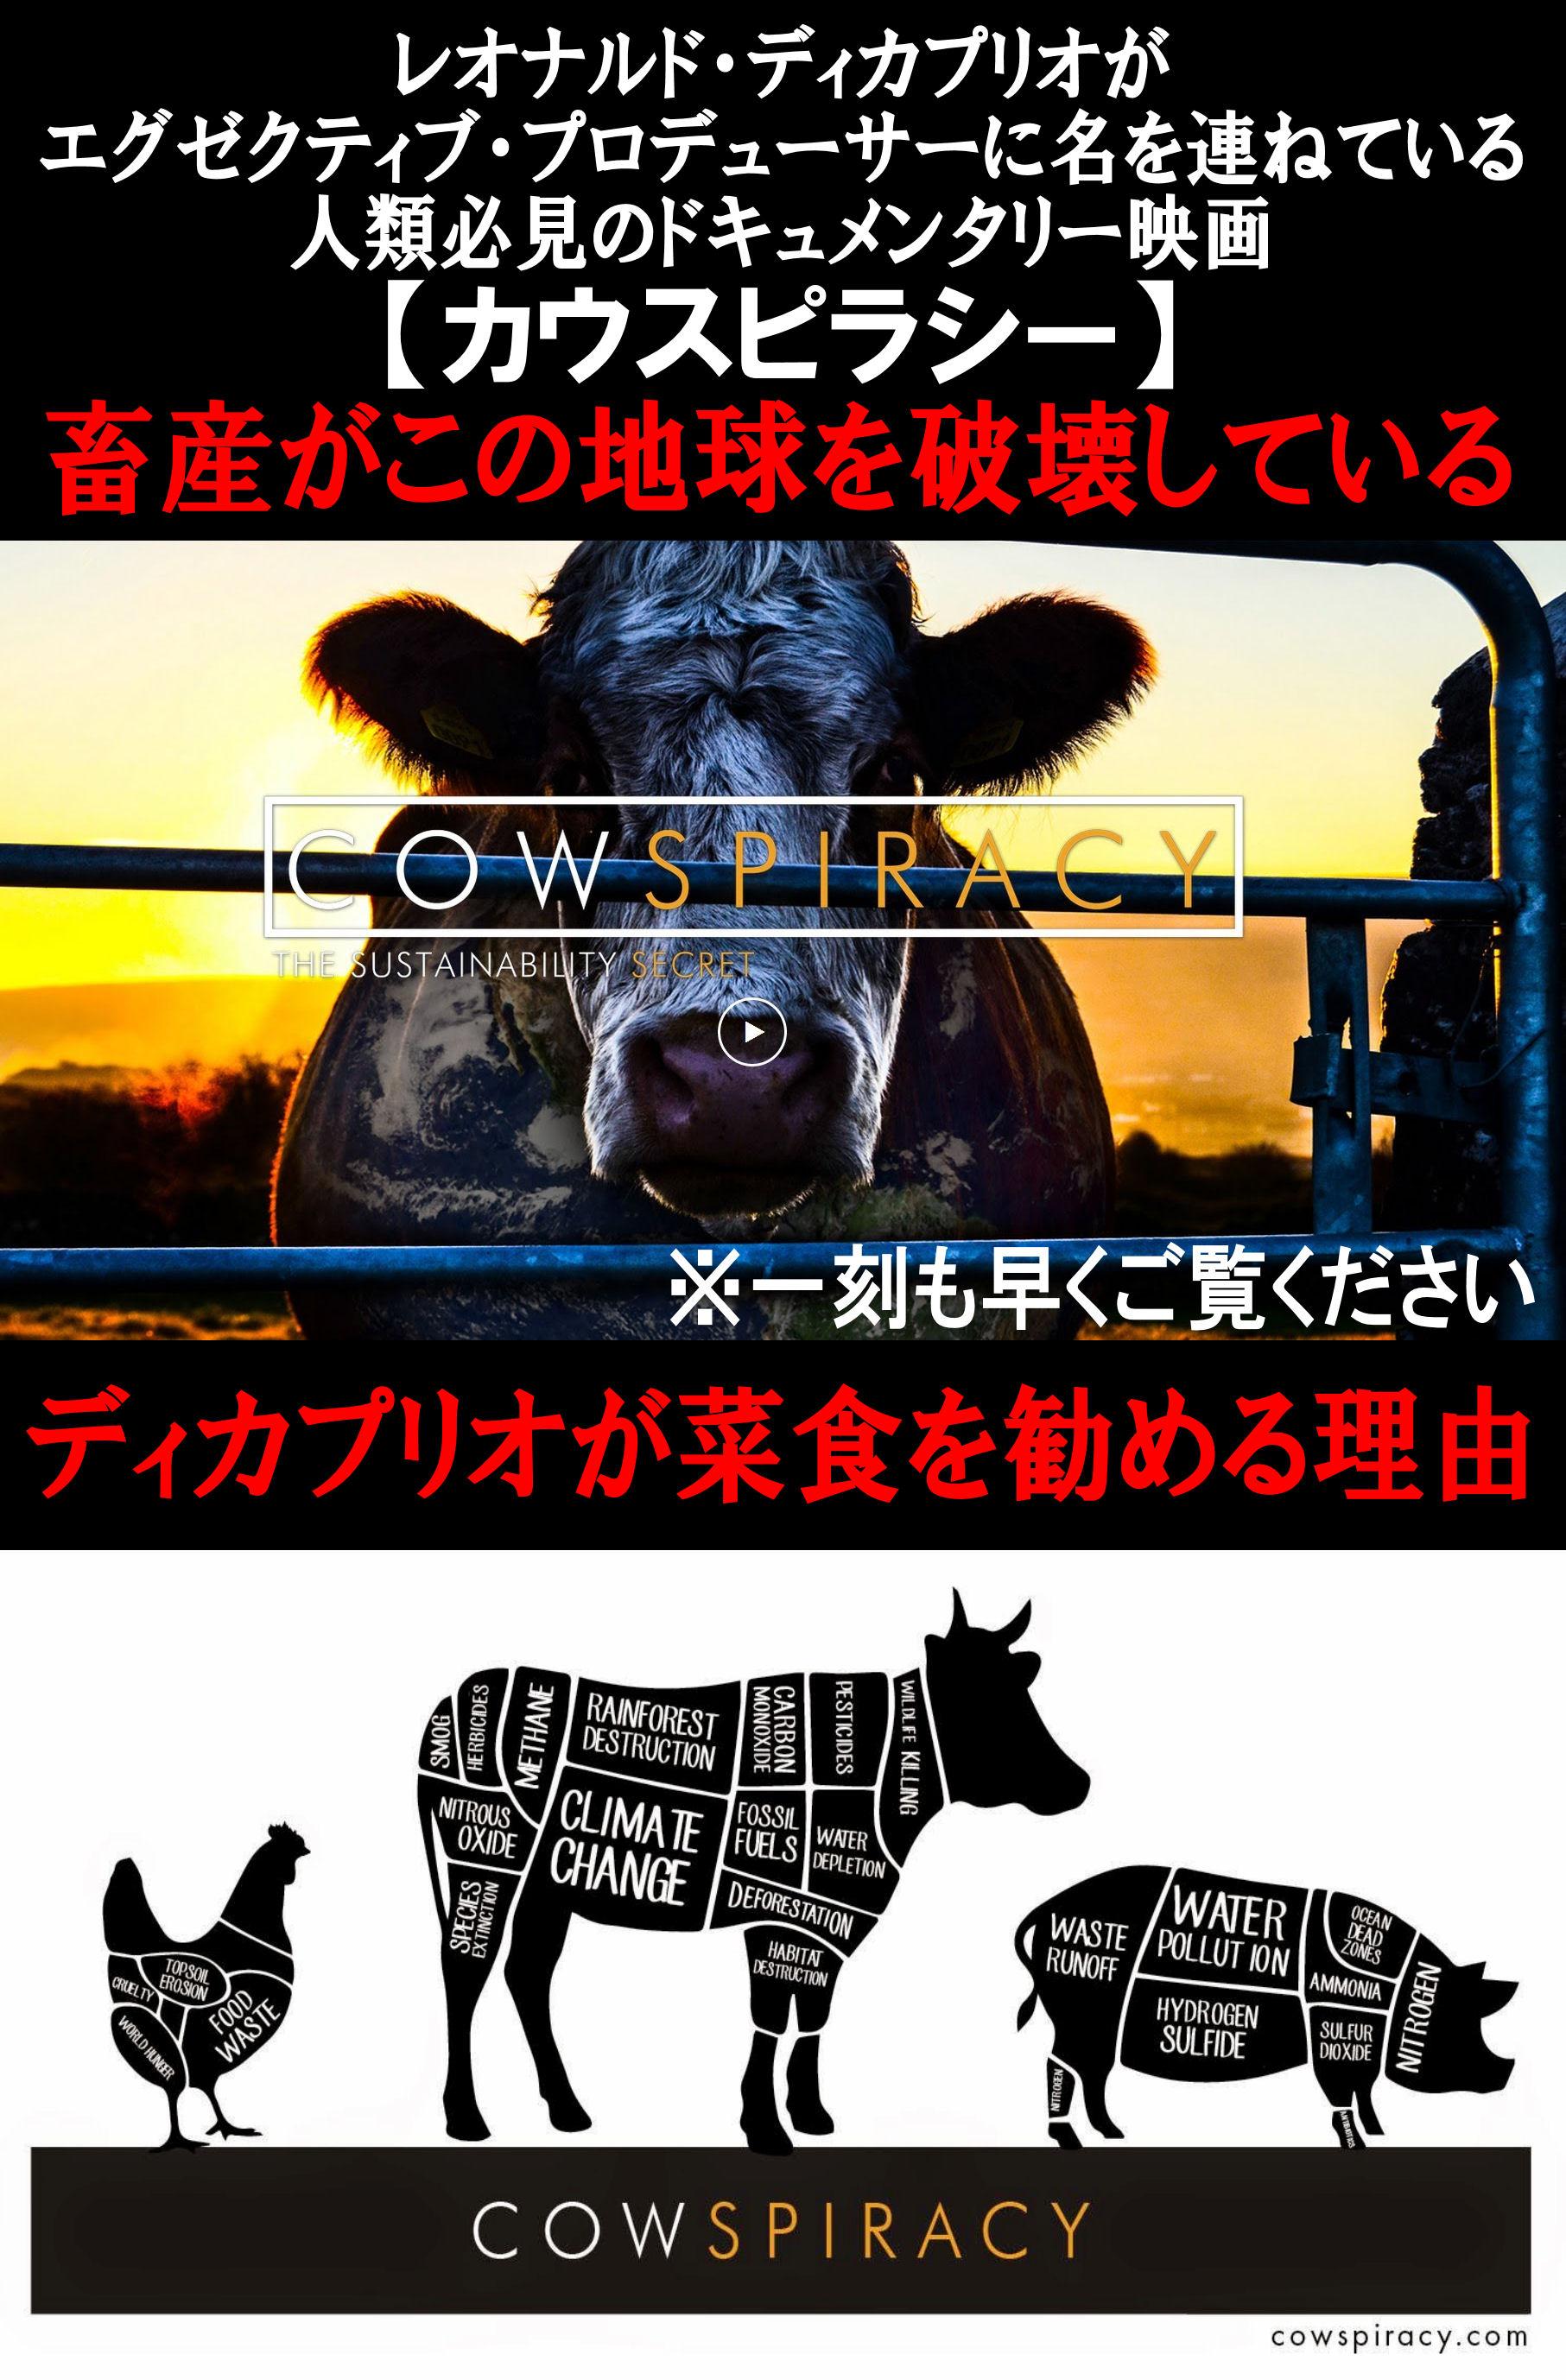 COWSPIRACY1.jpg